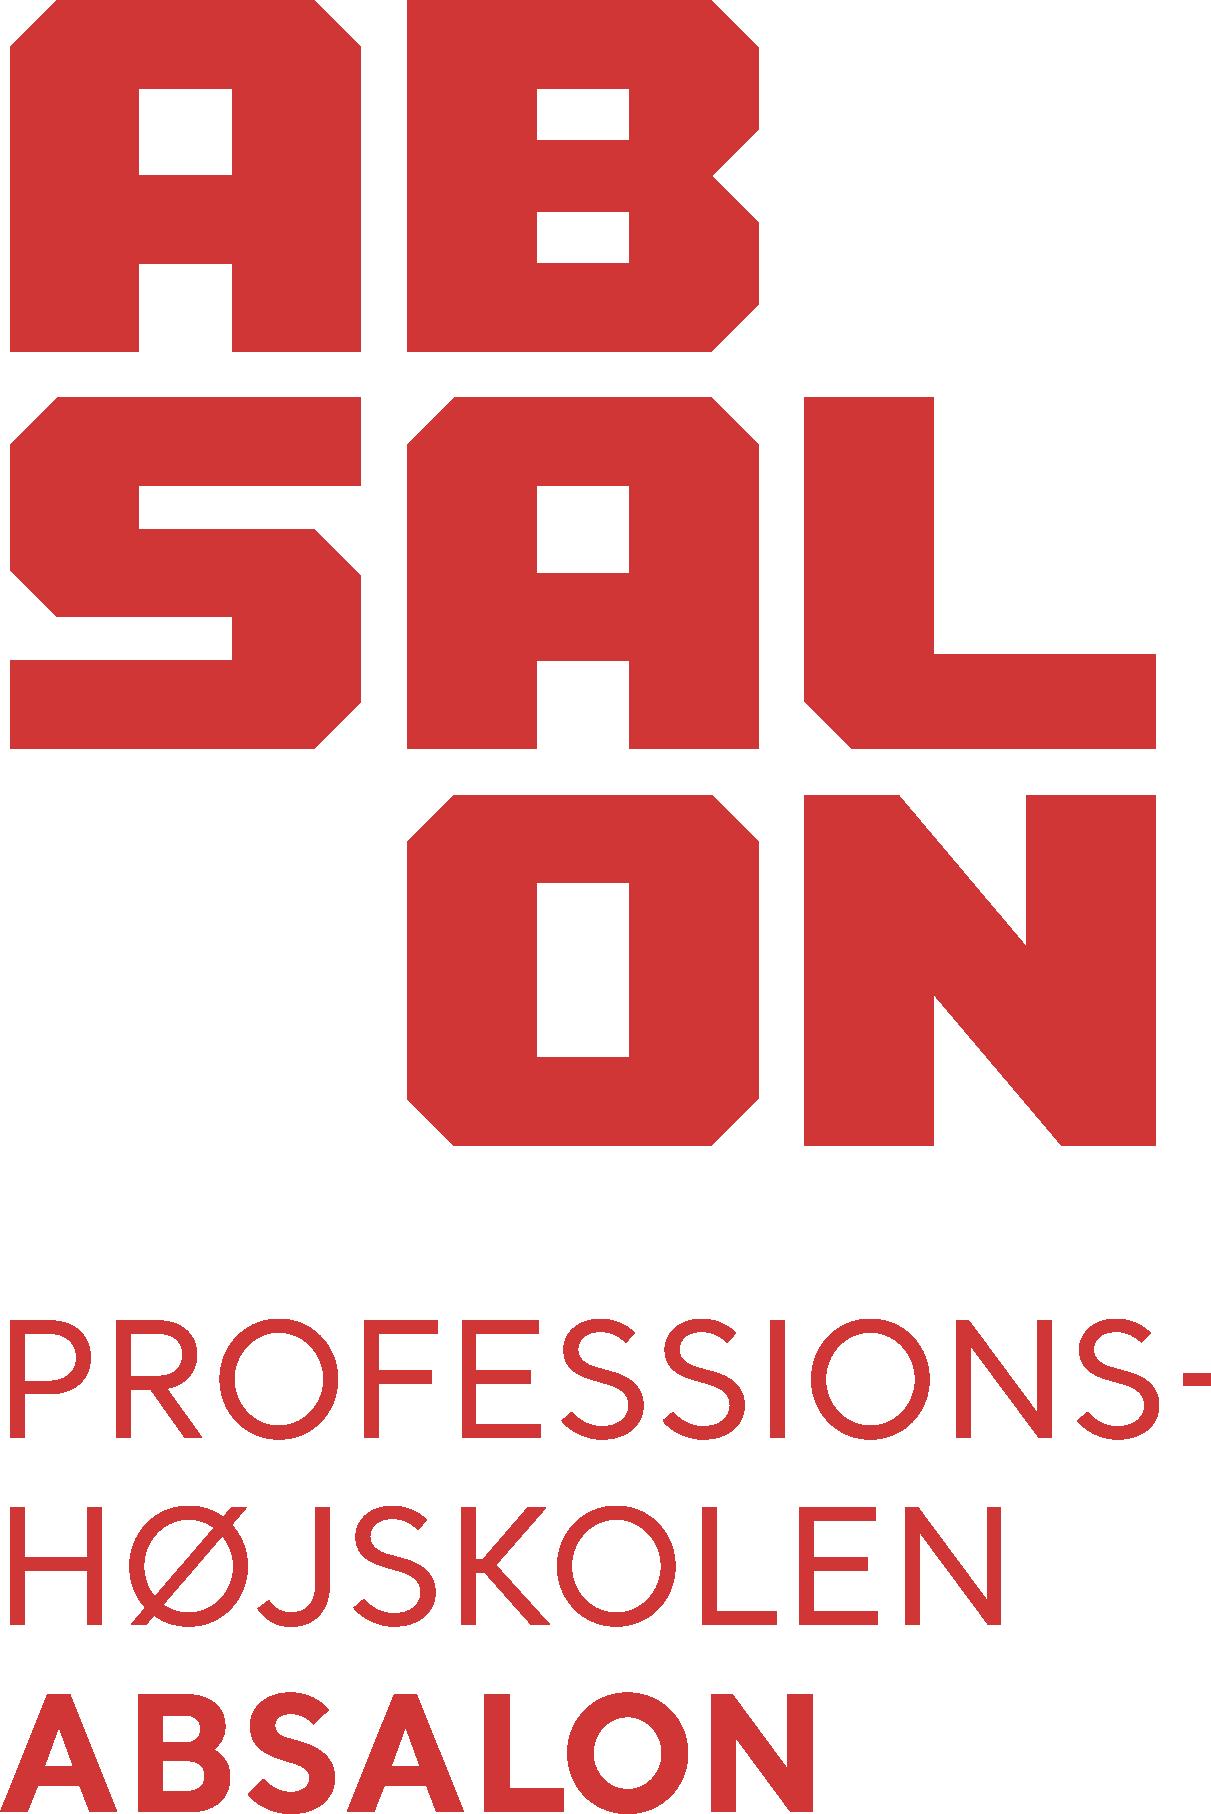 Logo Absalon